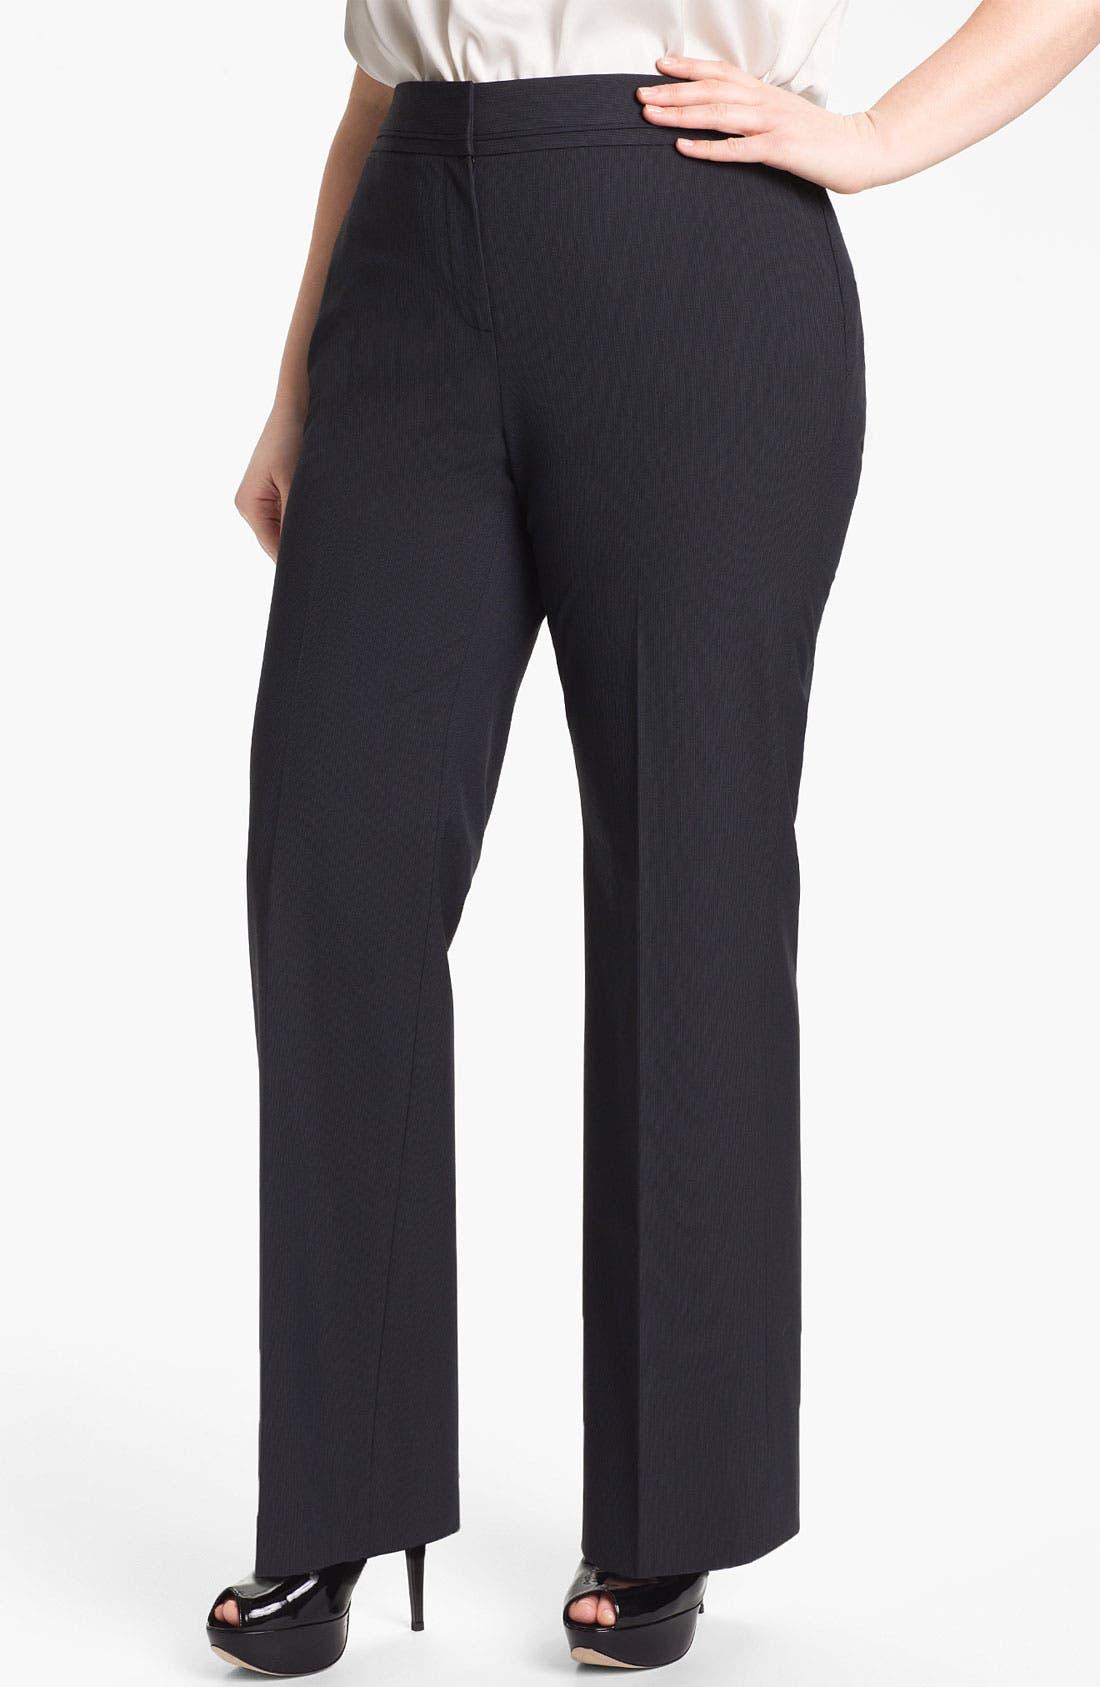 Alternate Image 1 Selected - Sejour 'Boardwalk' Suit Pants (Plus Size)